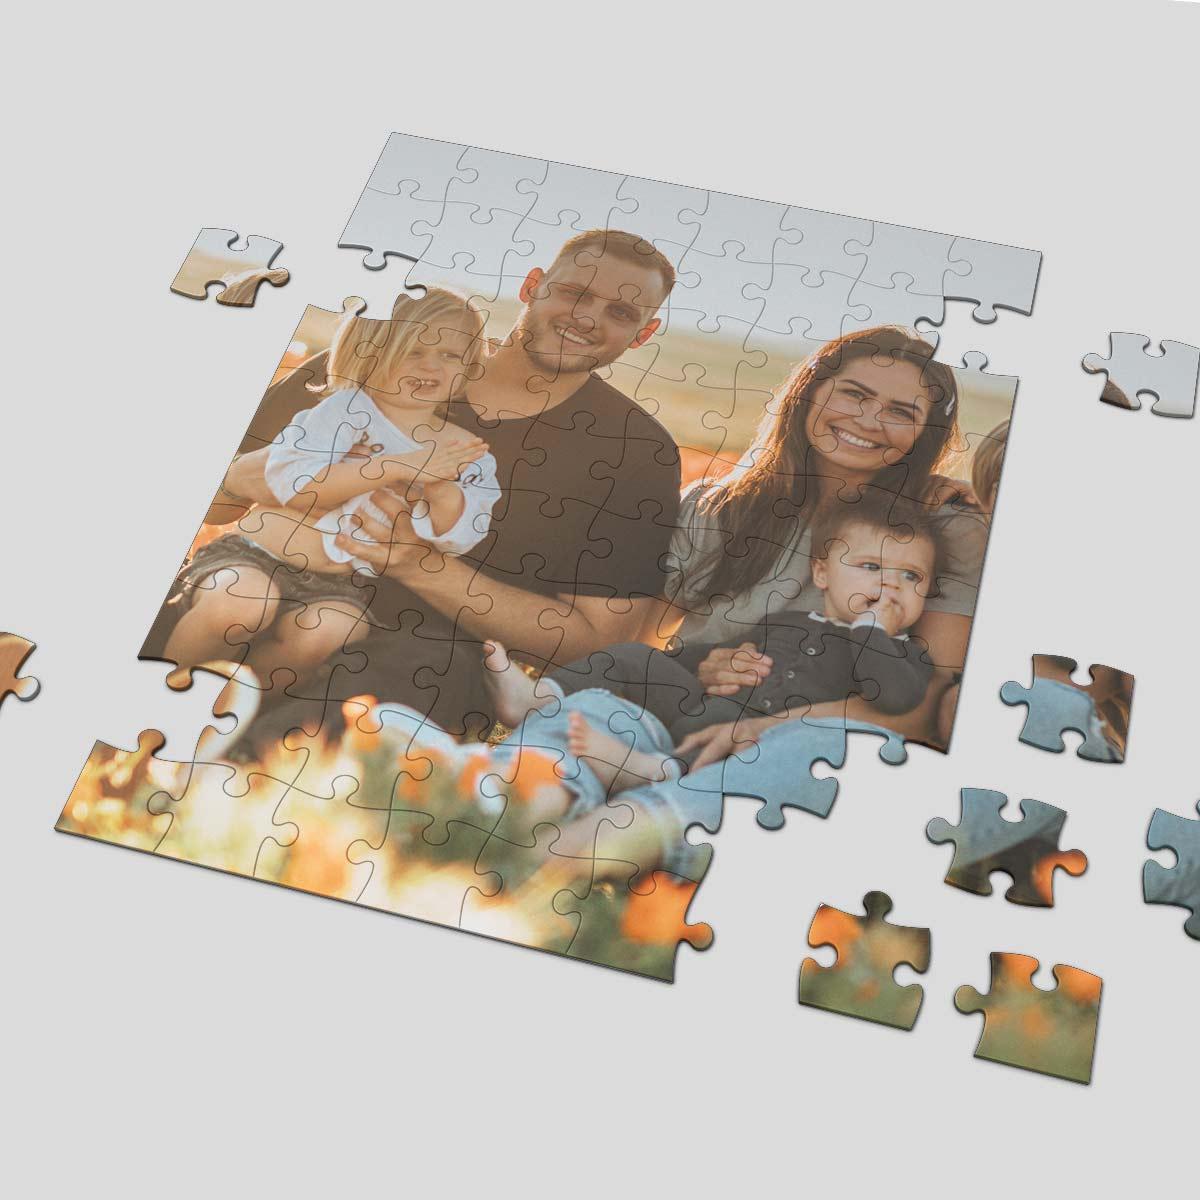 Puzzle A4 192 tasselli personalizzati